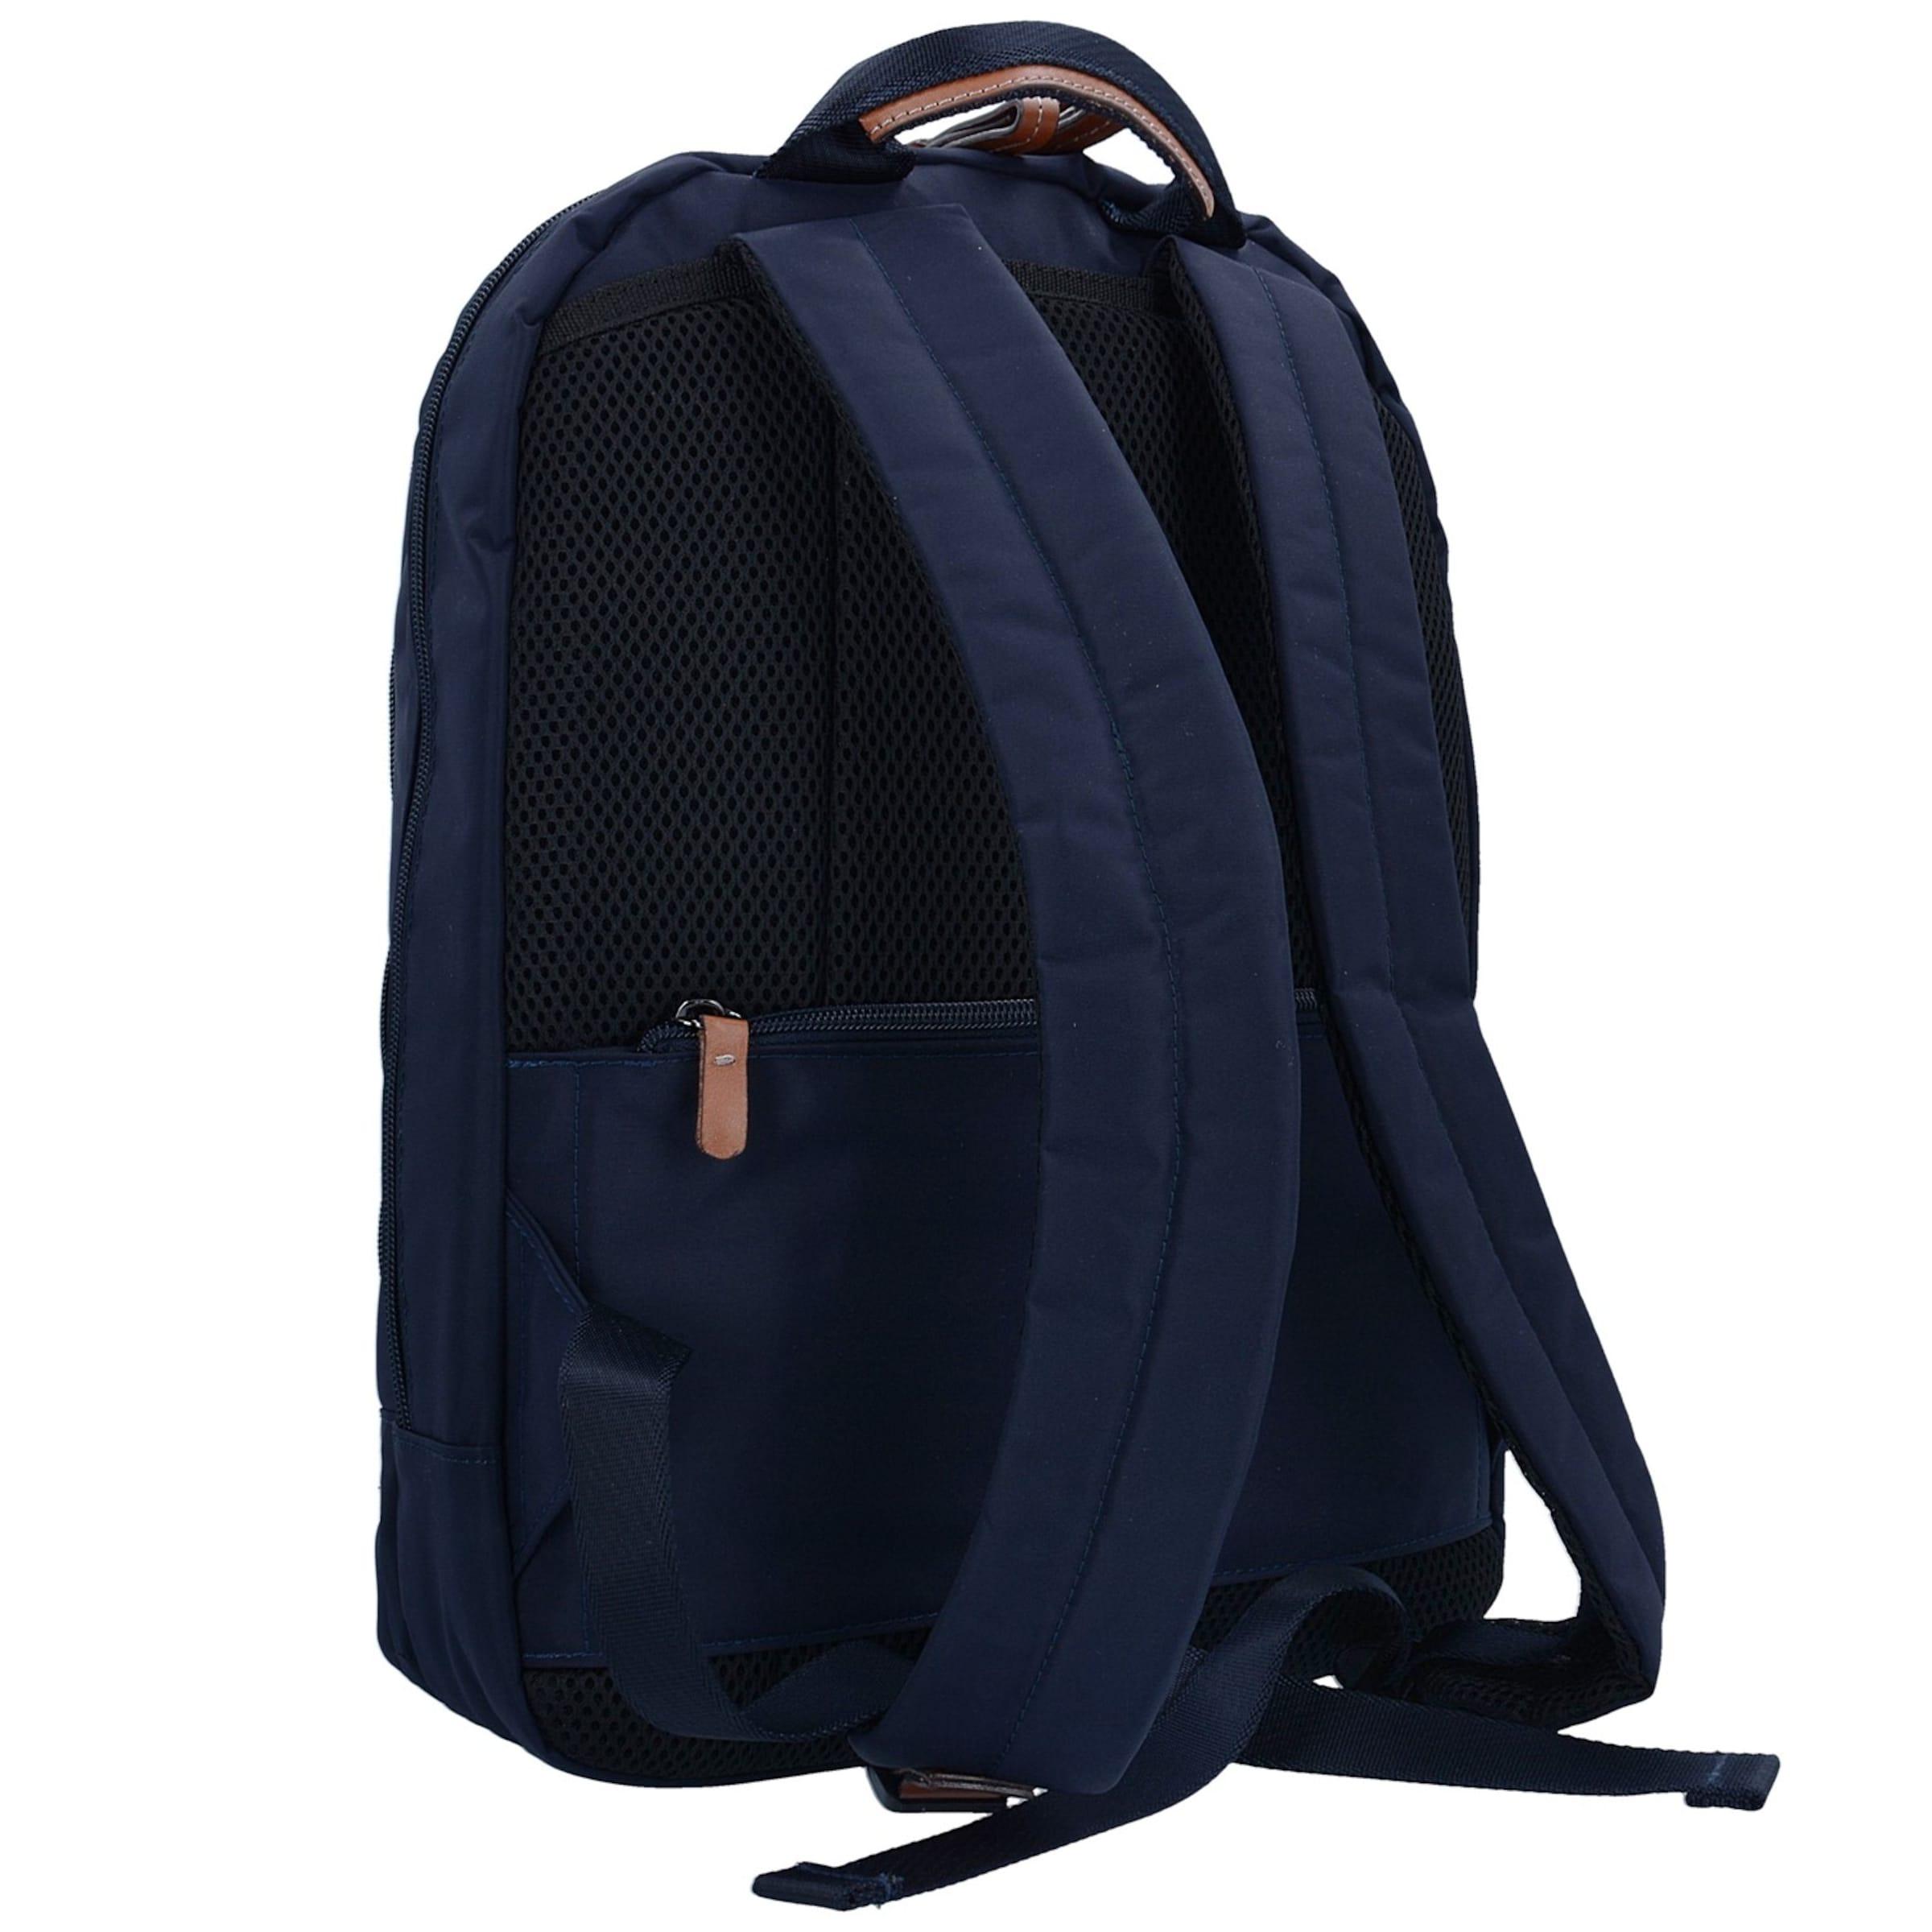 Bric's X-Travel Rucksack 38 cm Laptopfach Ausgezeichnete Online-Verkauf bxHARa